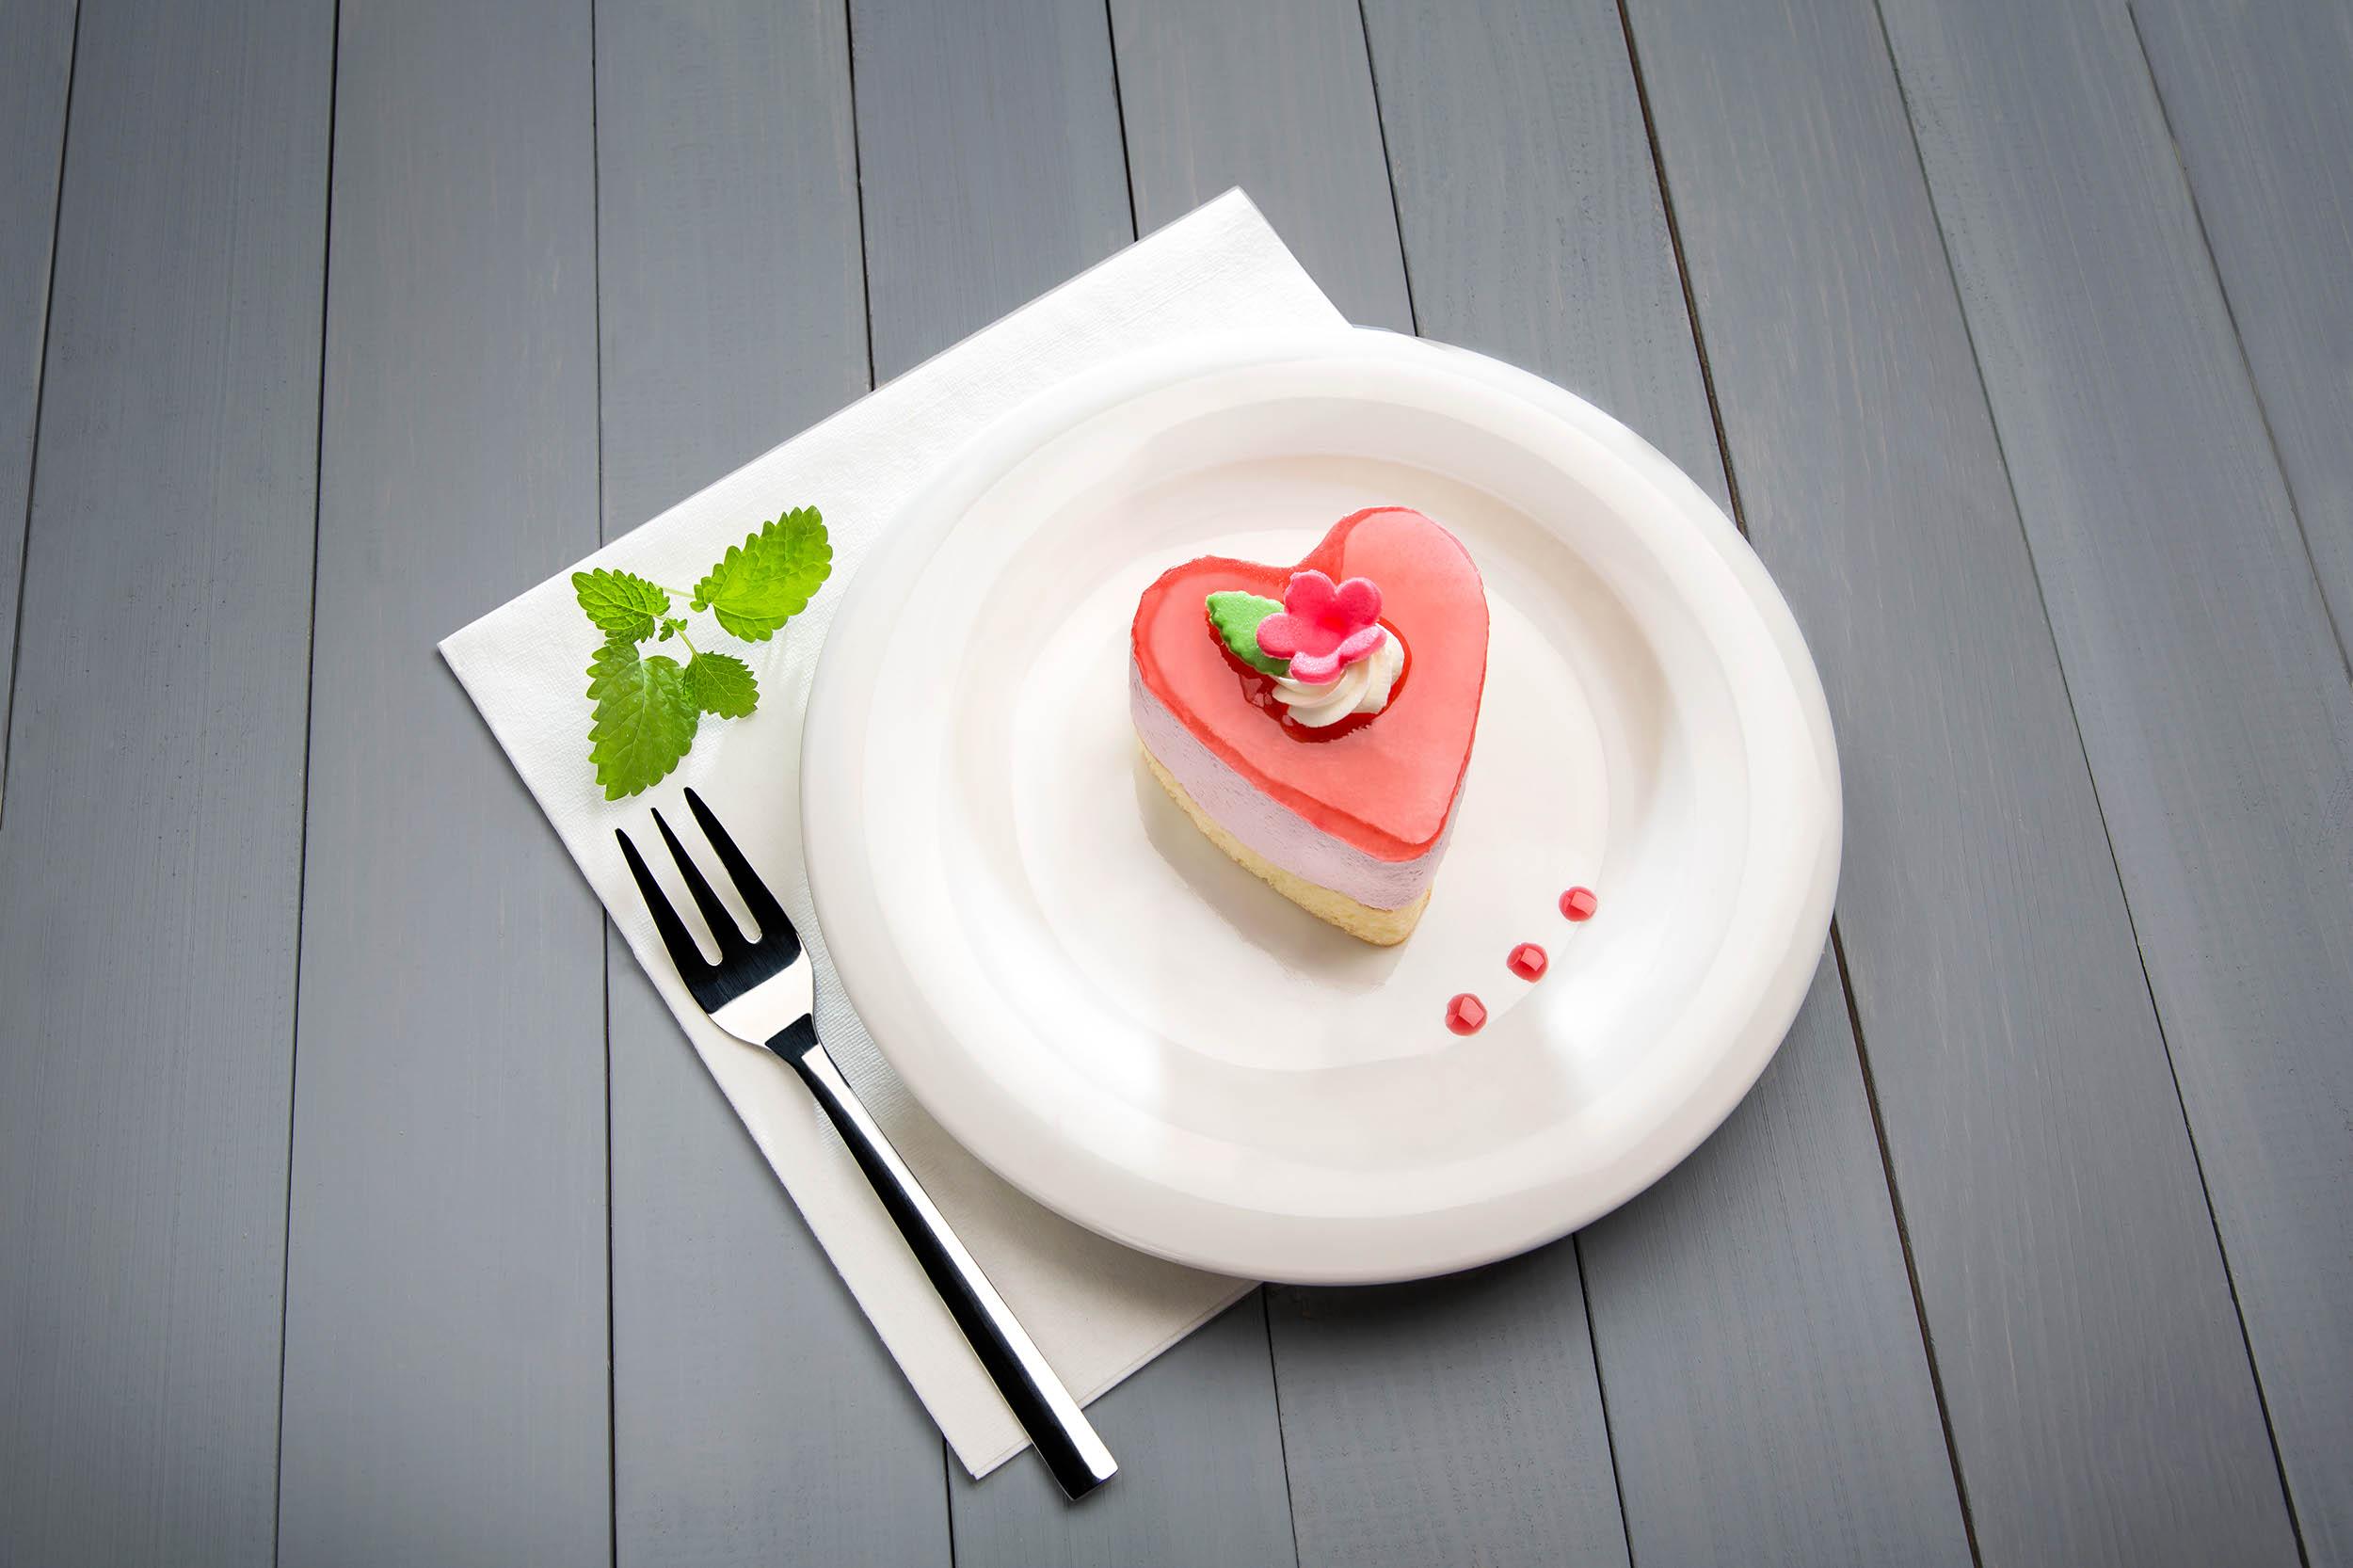 Cukrářské výrobky Třebíč